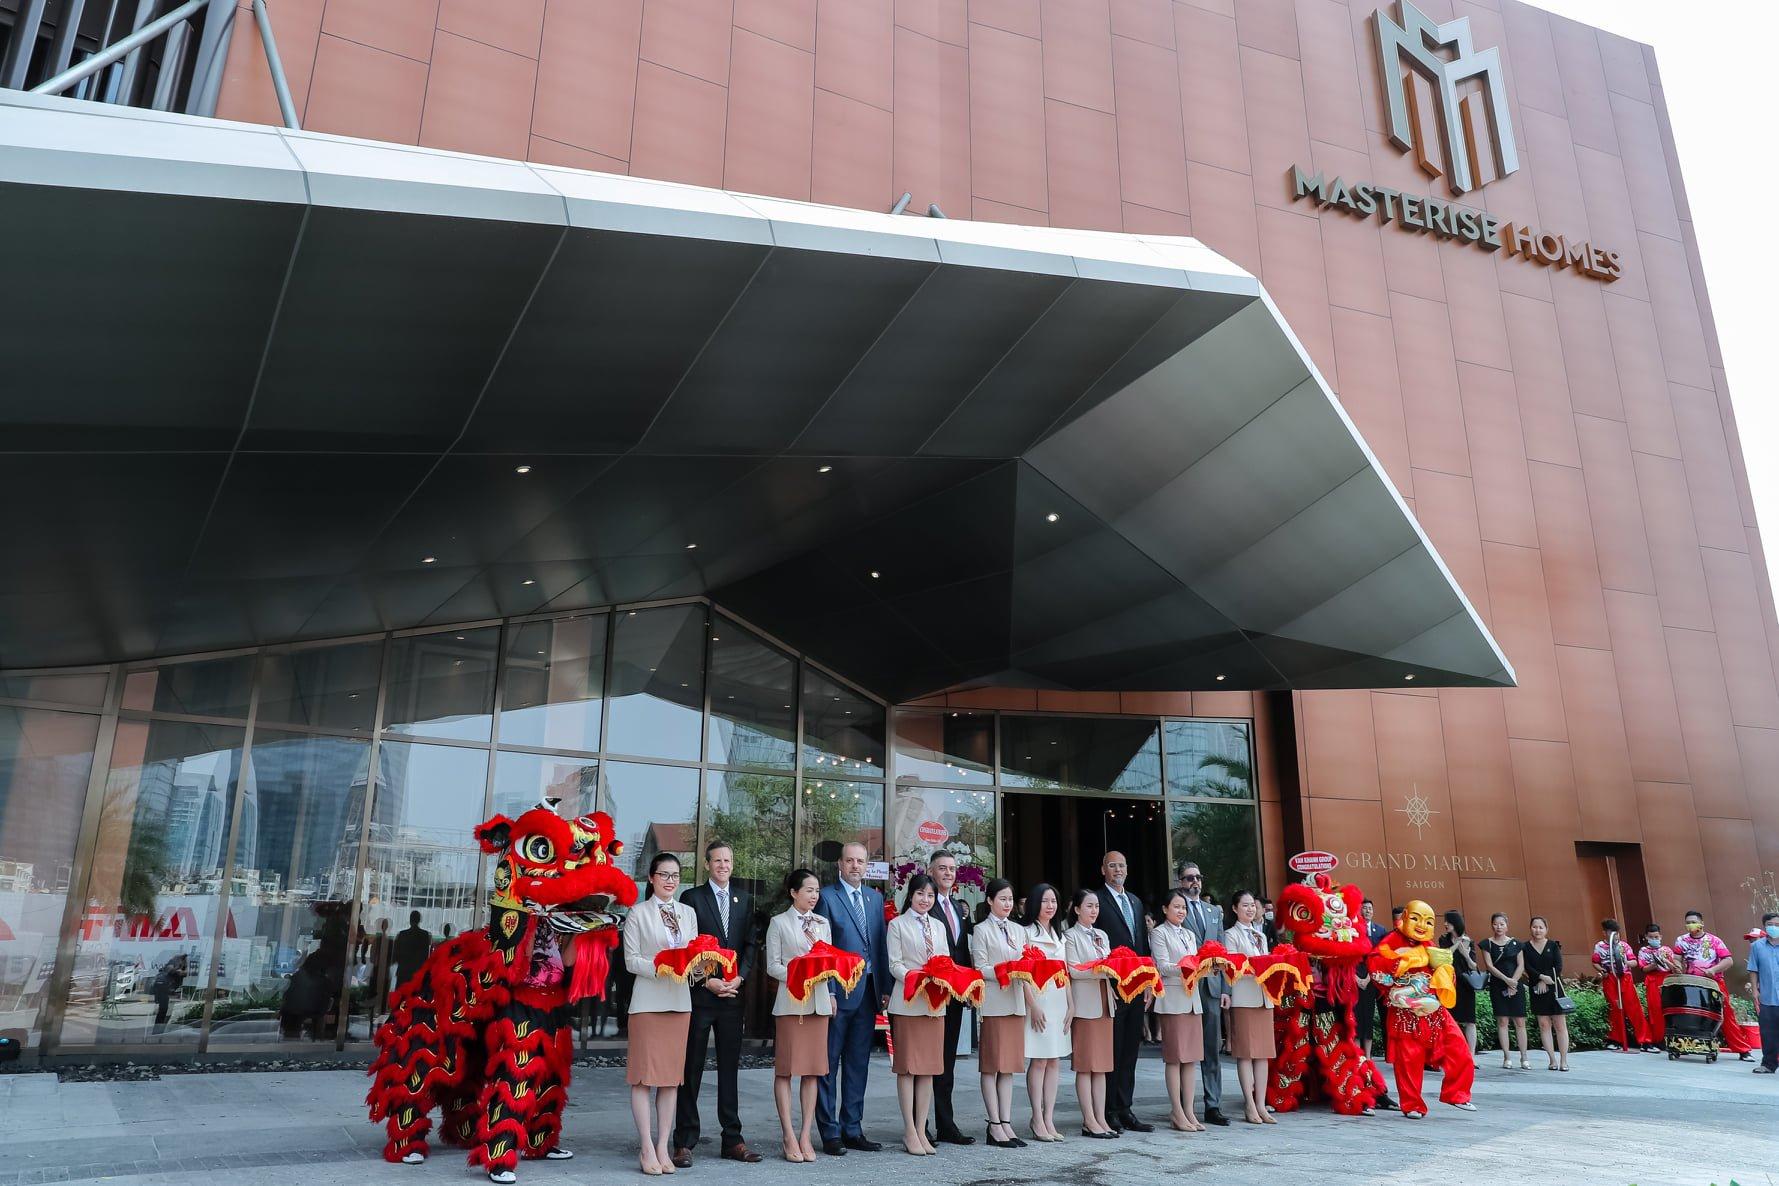 Cắt băng khánh thành khai trương nhà mẫu Grand Marina Saigon đón những vị khách đầu tiên tới tham quan